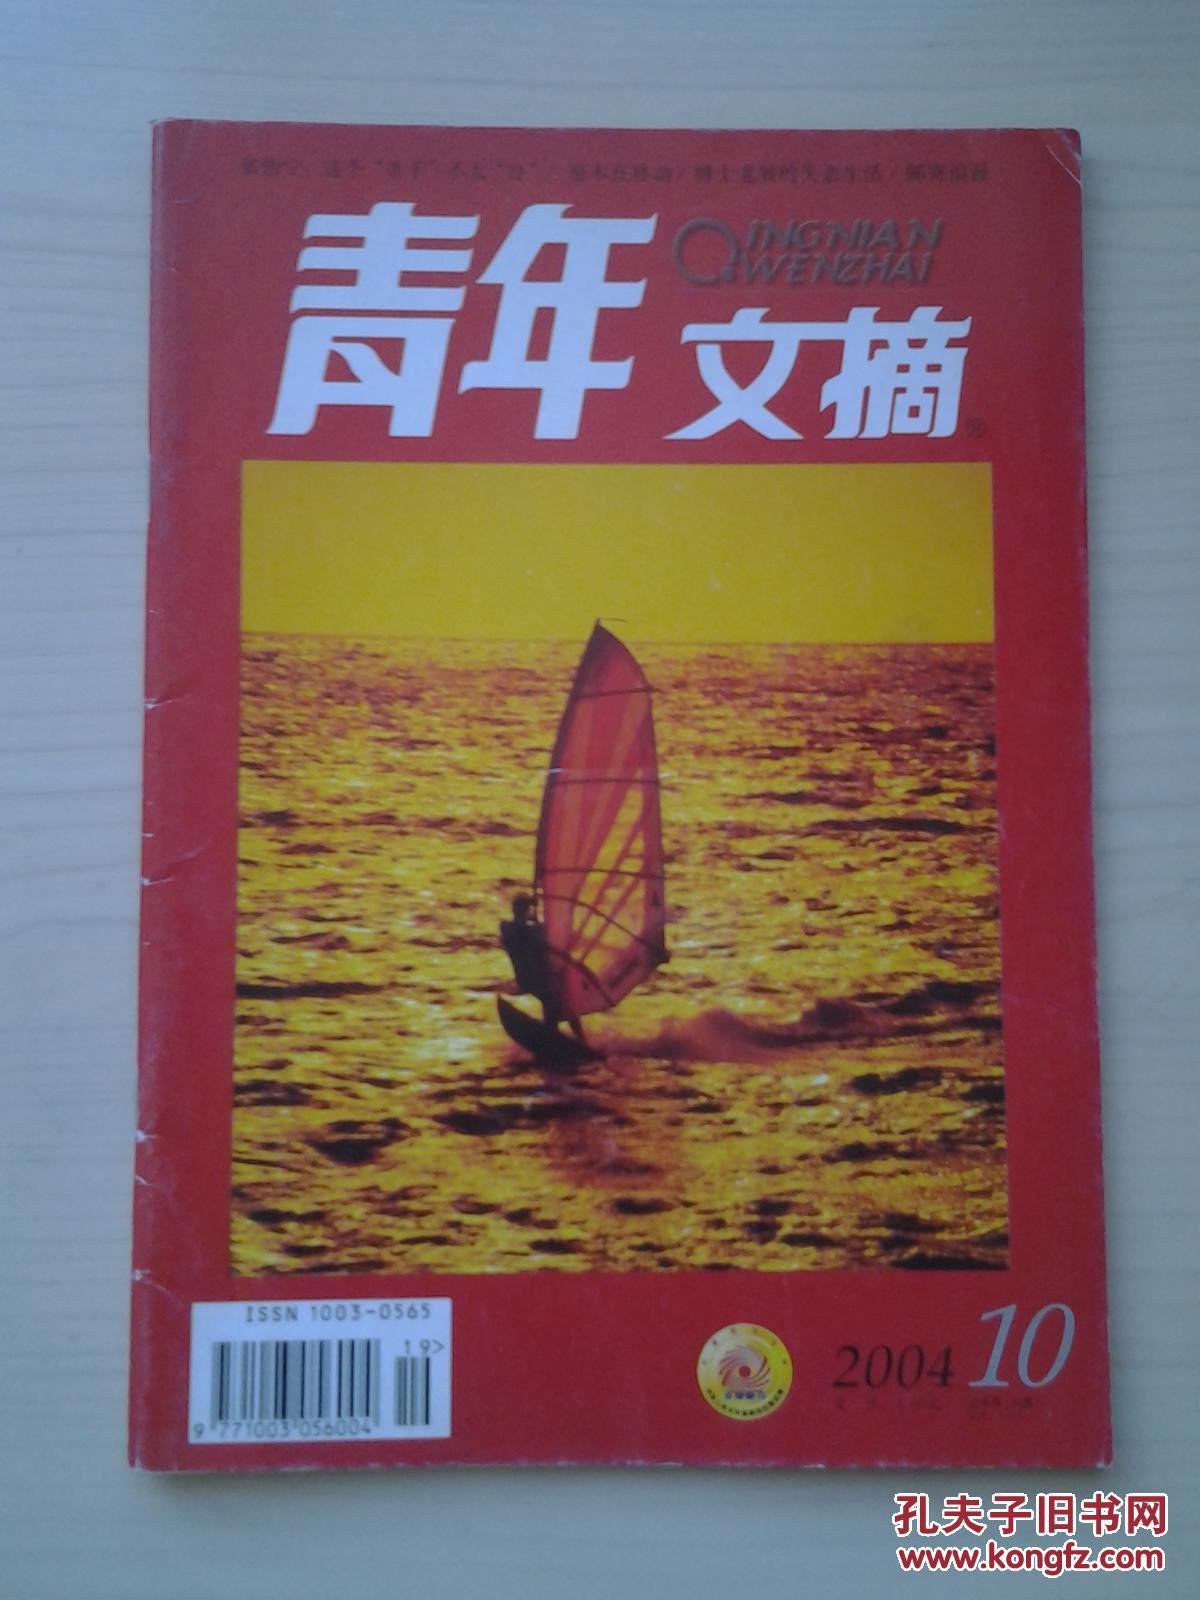 青年文摘红版_青年文摘(2004-- 10期红版)